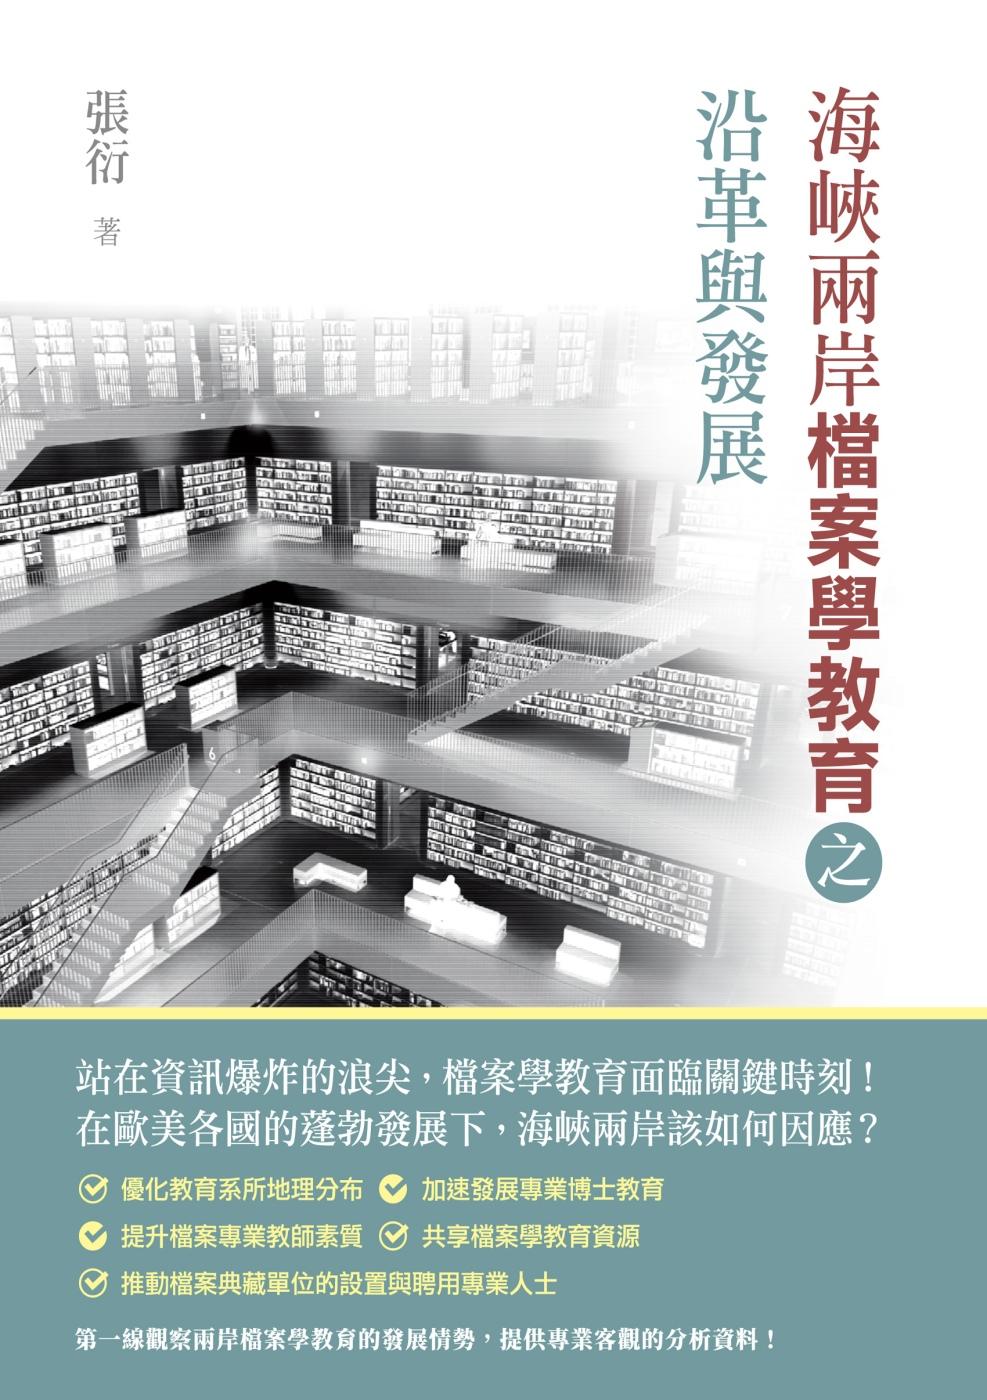 海峽兩岸檔案學教育之沿革與發展